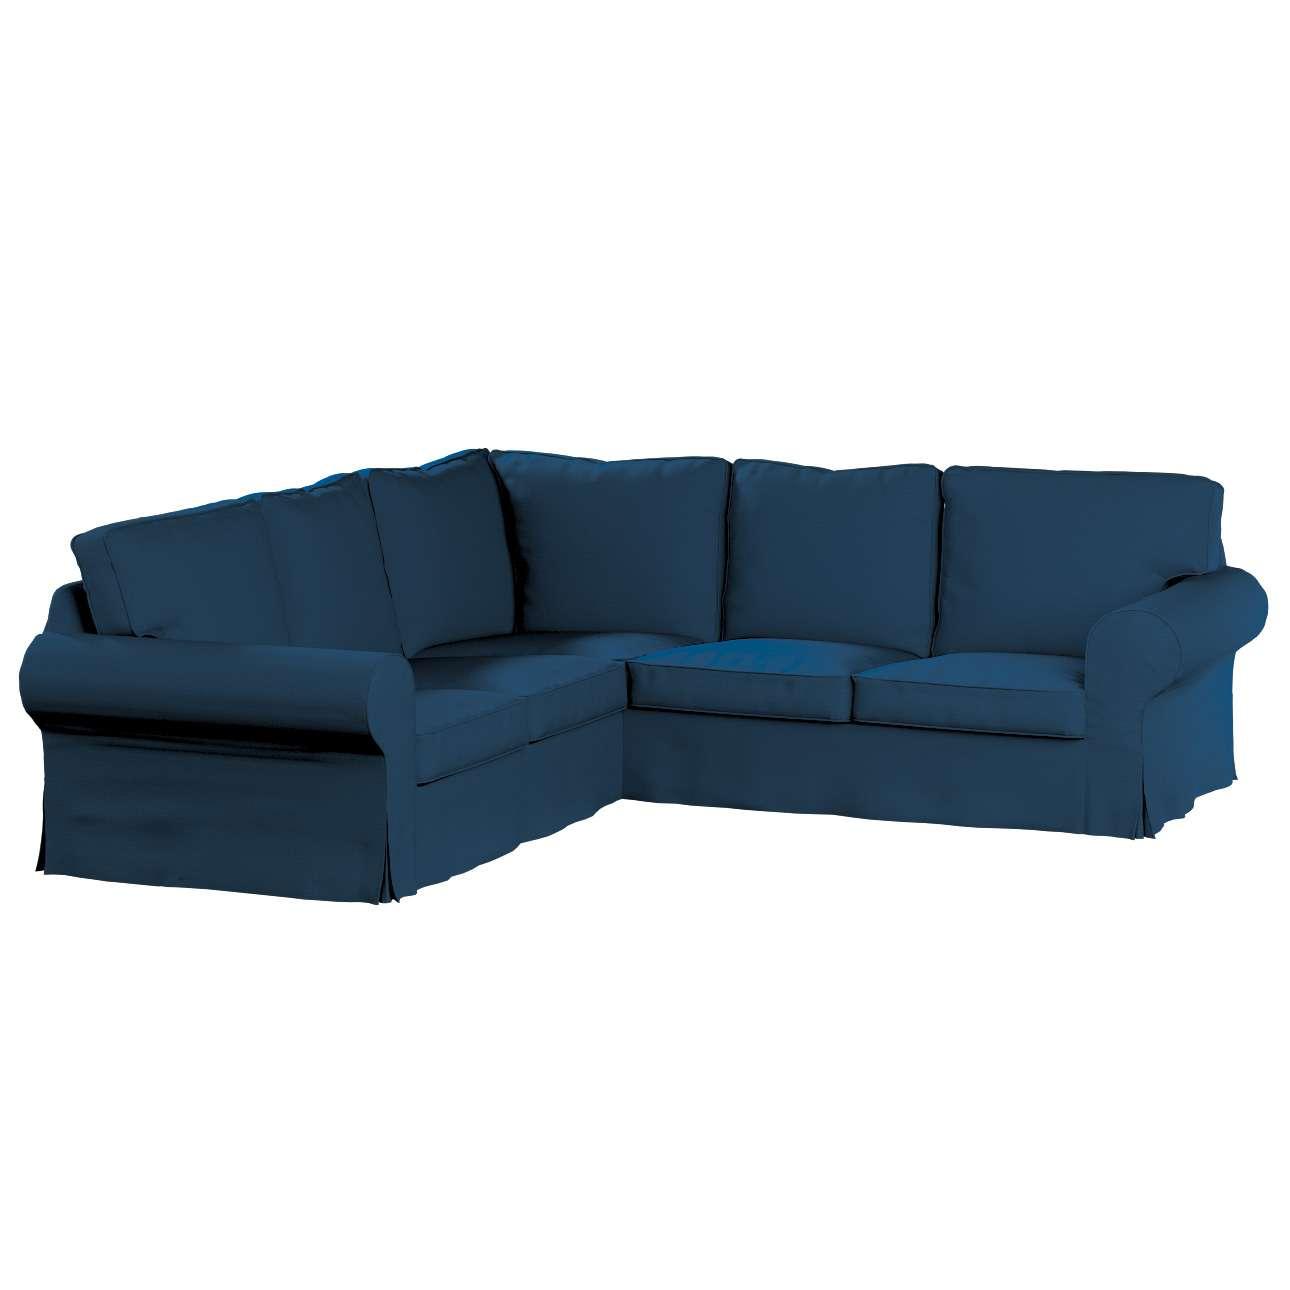 Ektorp kampinė sofa Ektorp kampinė sofa kolekcijoje Cotton Panama, audinys: 702-30